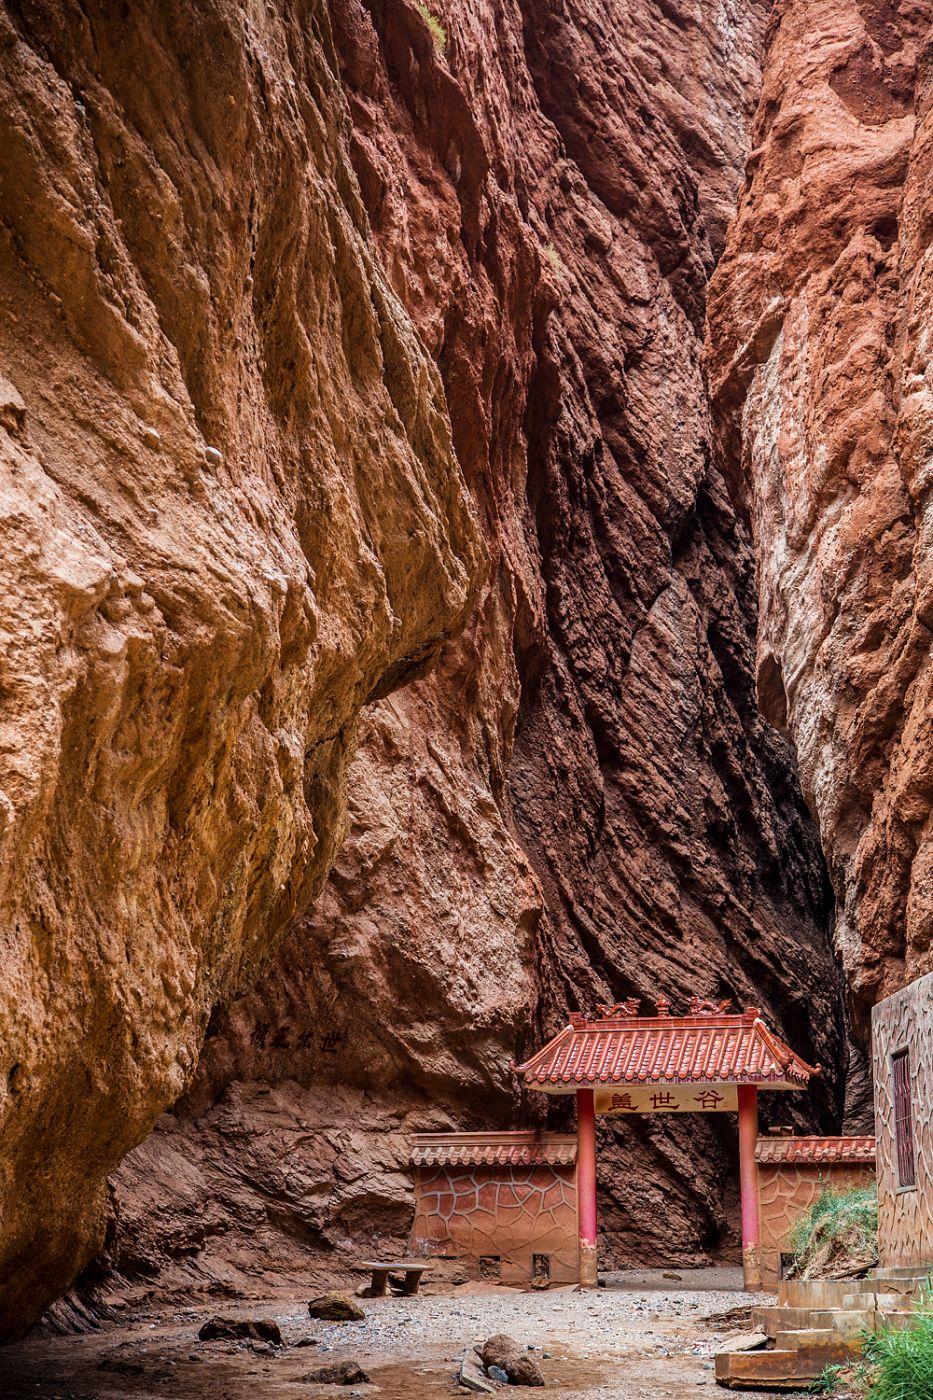 Tianshan Canyon, Xinjiang, Chinese silk road, China